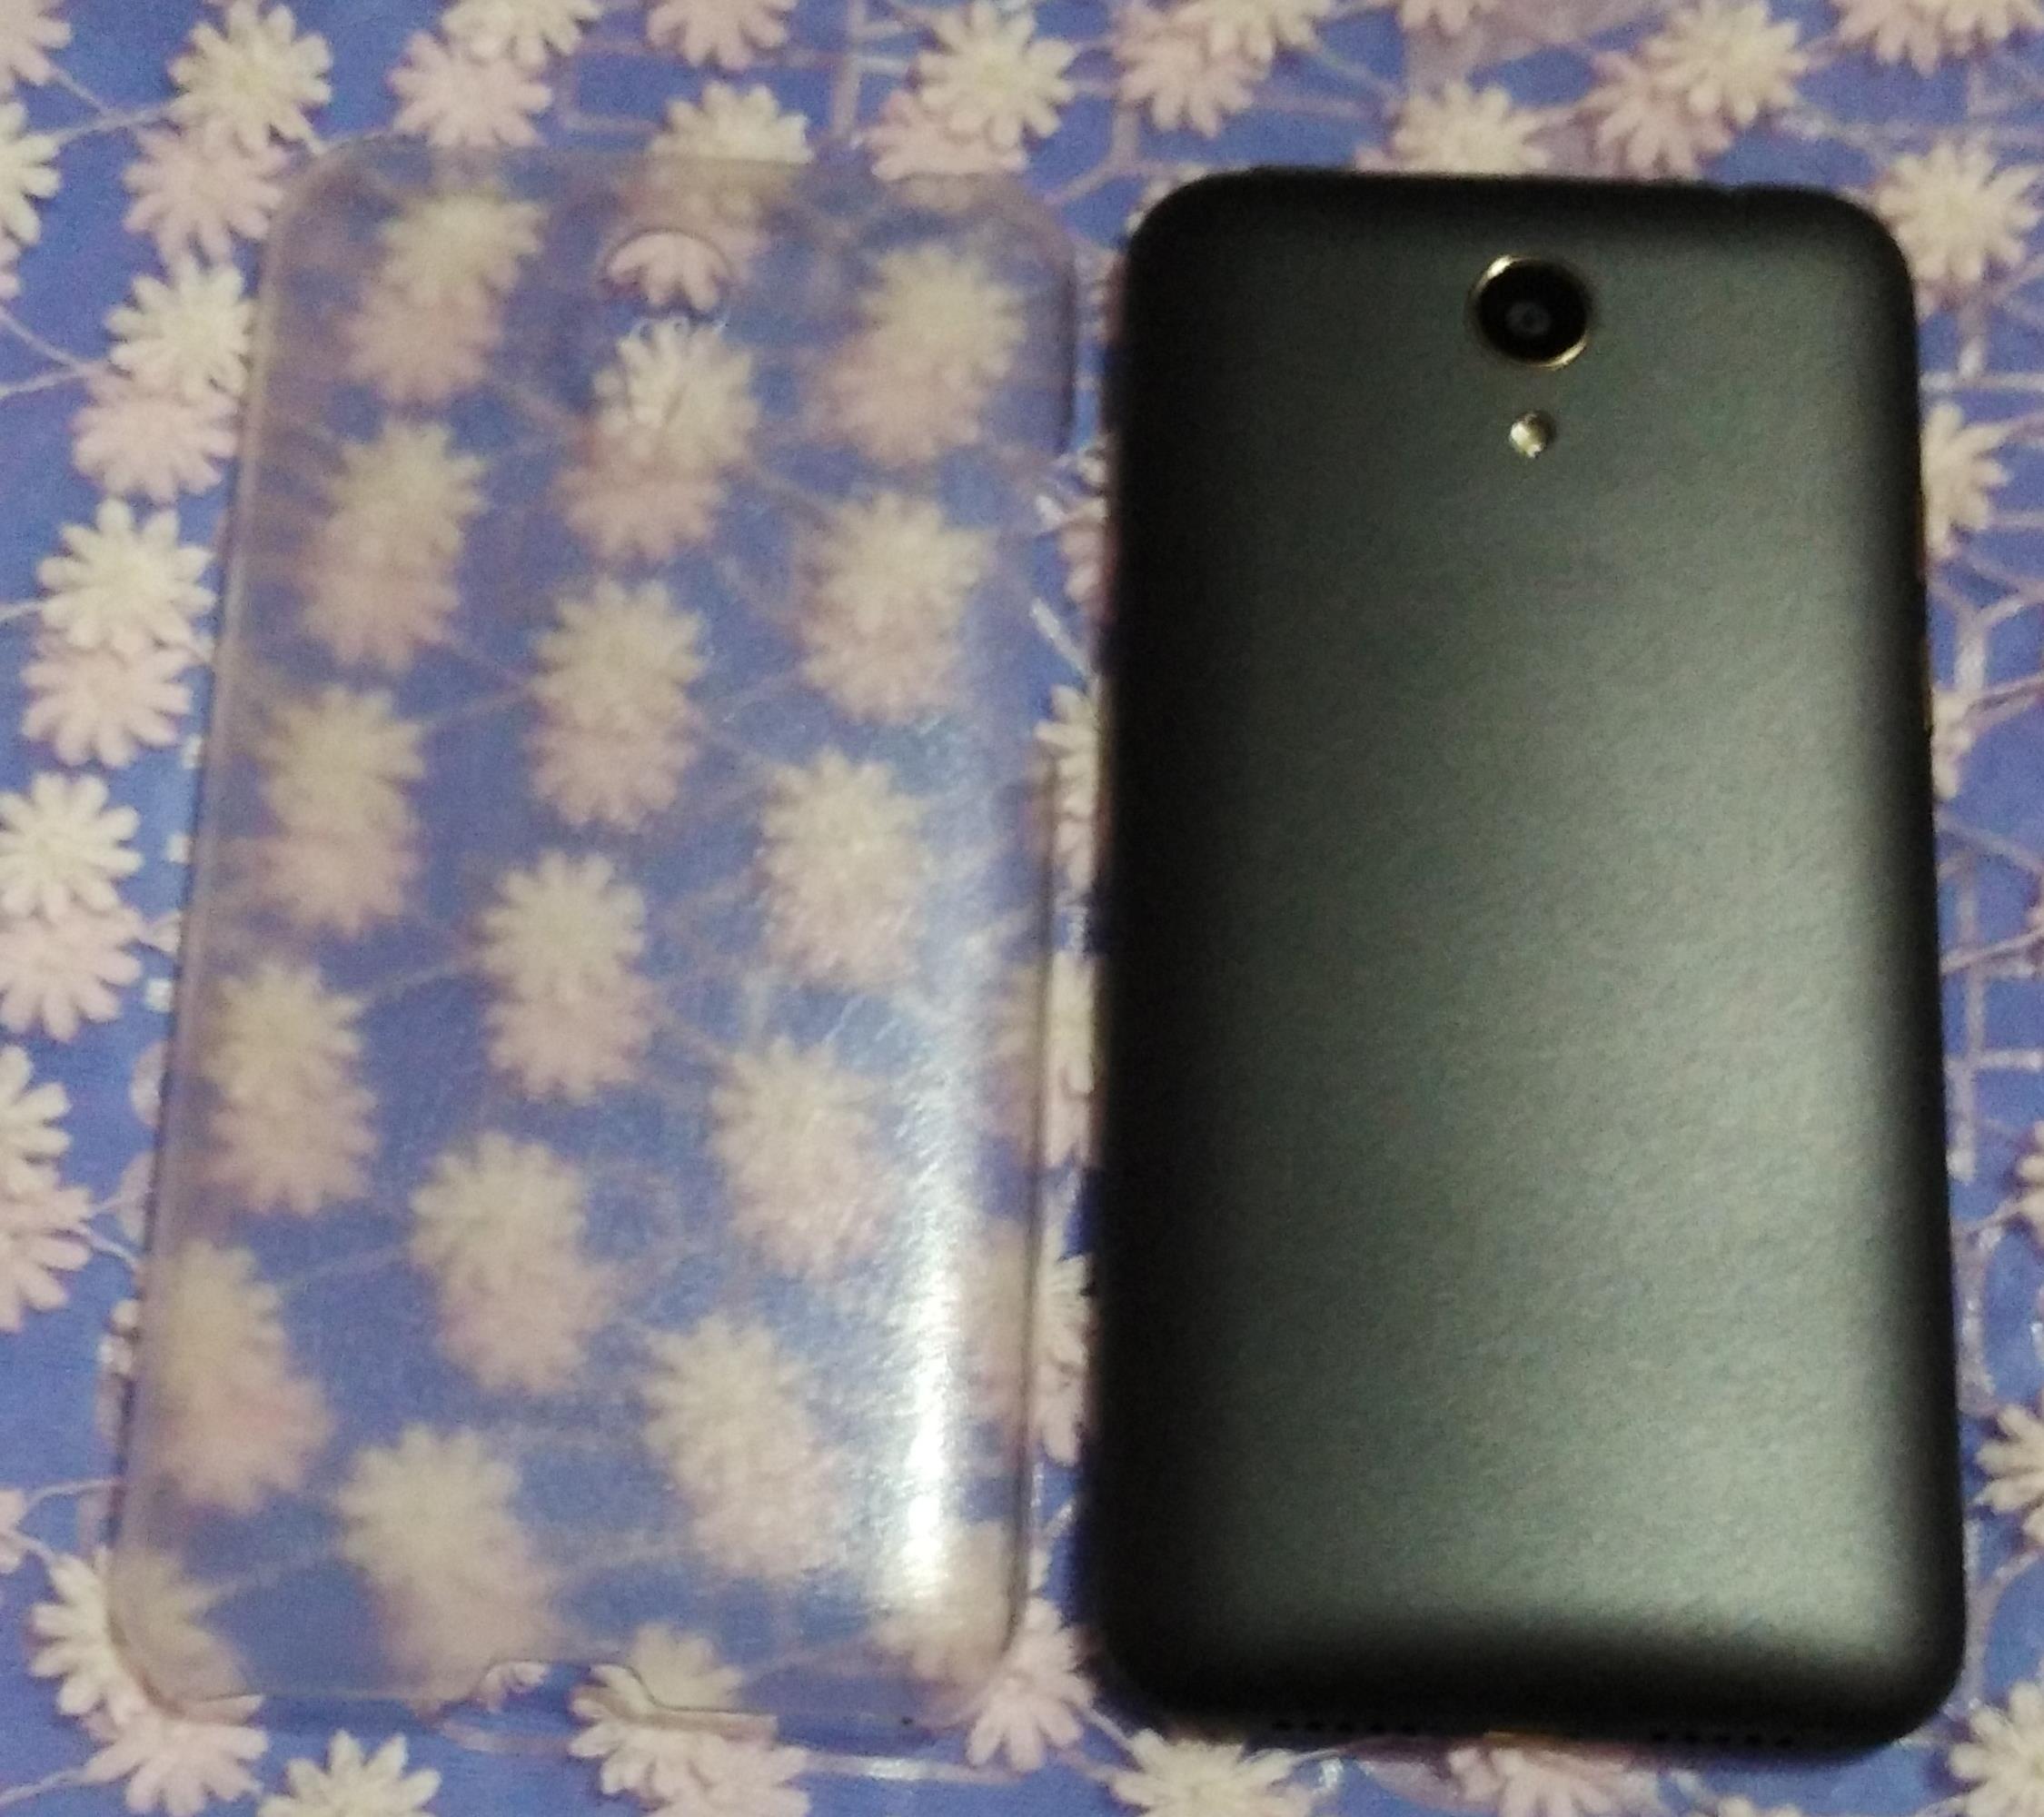 Intex Cloud 4 G Star Backlook black color